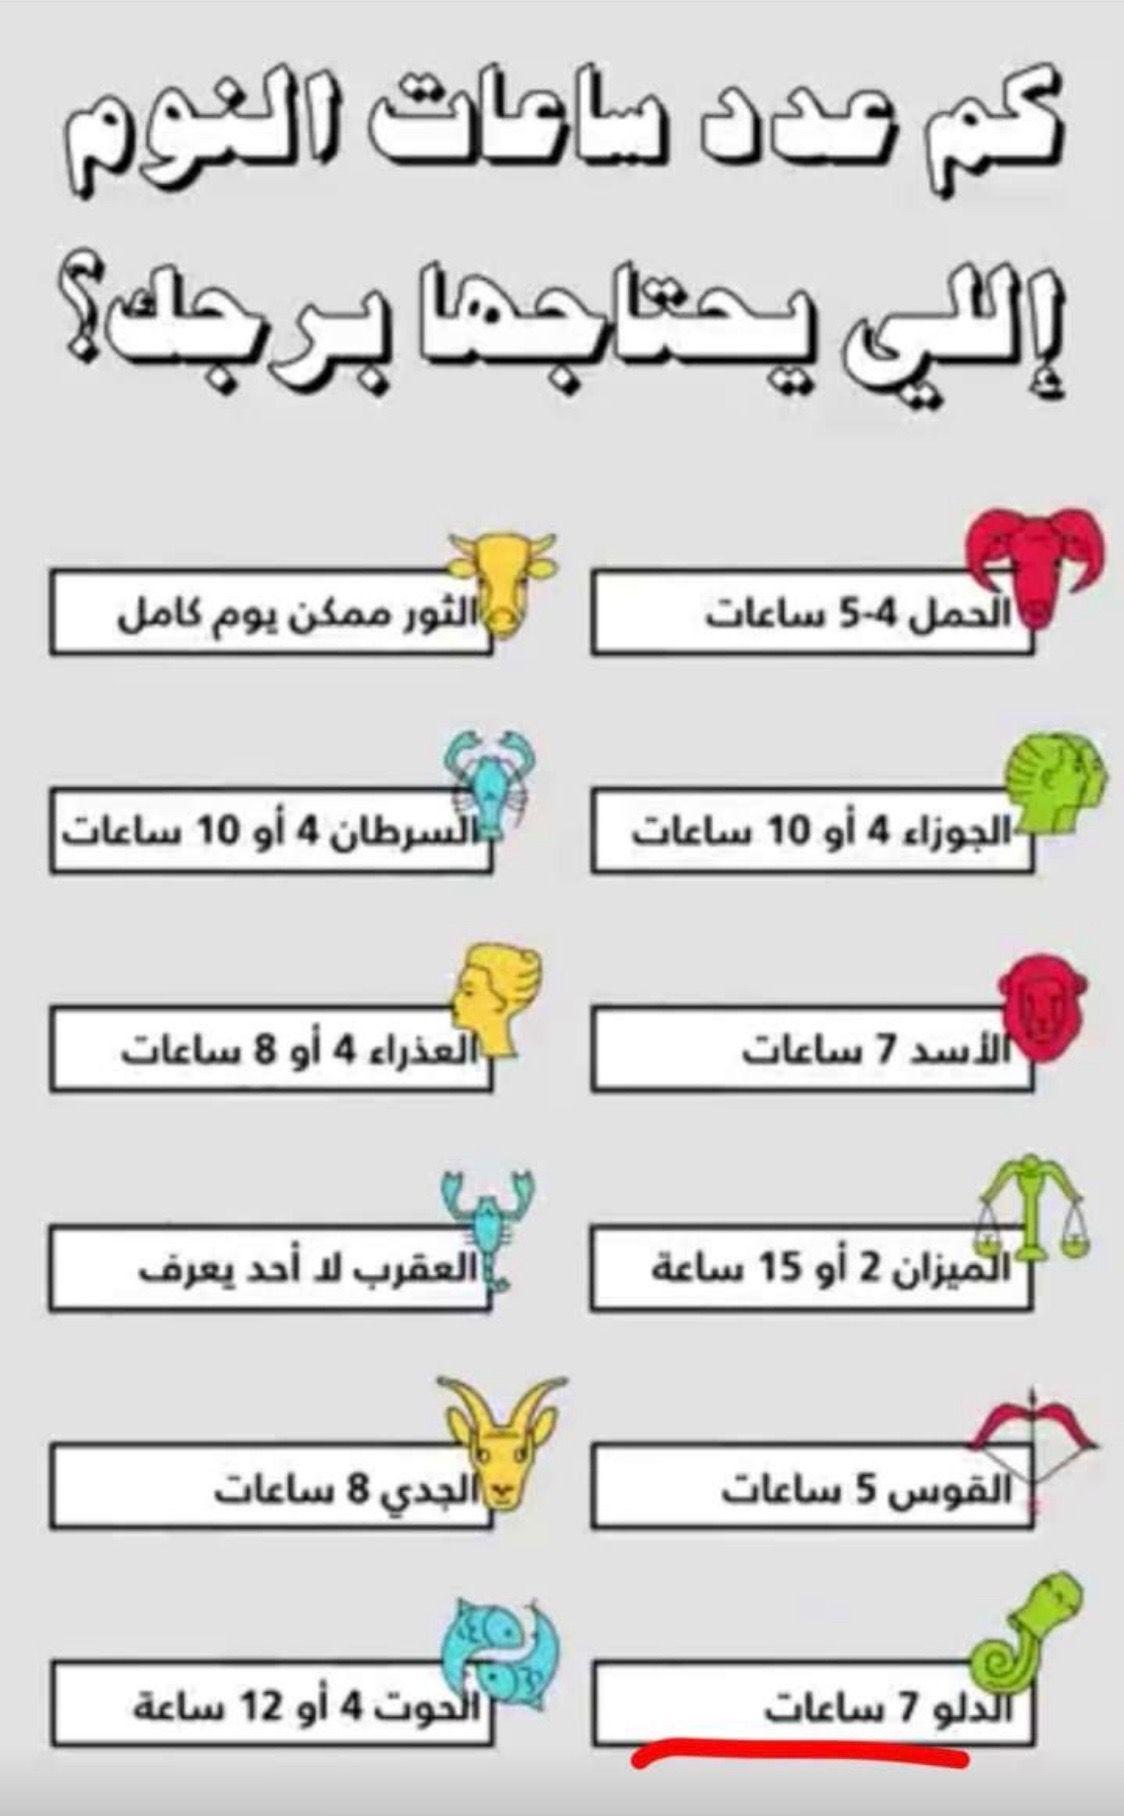 العقرب لأن ع حسب مزاجنا والمود يقلبي Mood Quotes Funny Arabic Quotes Funny Reaction Pictures